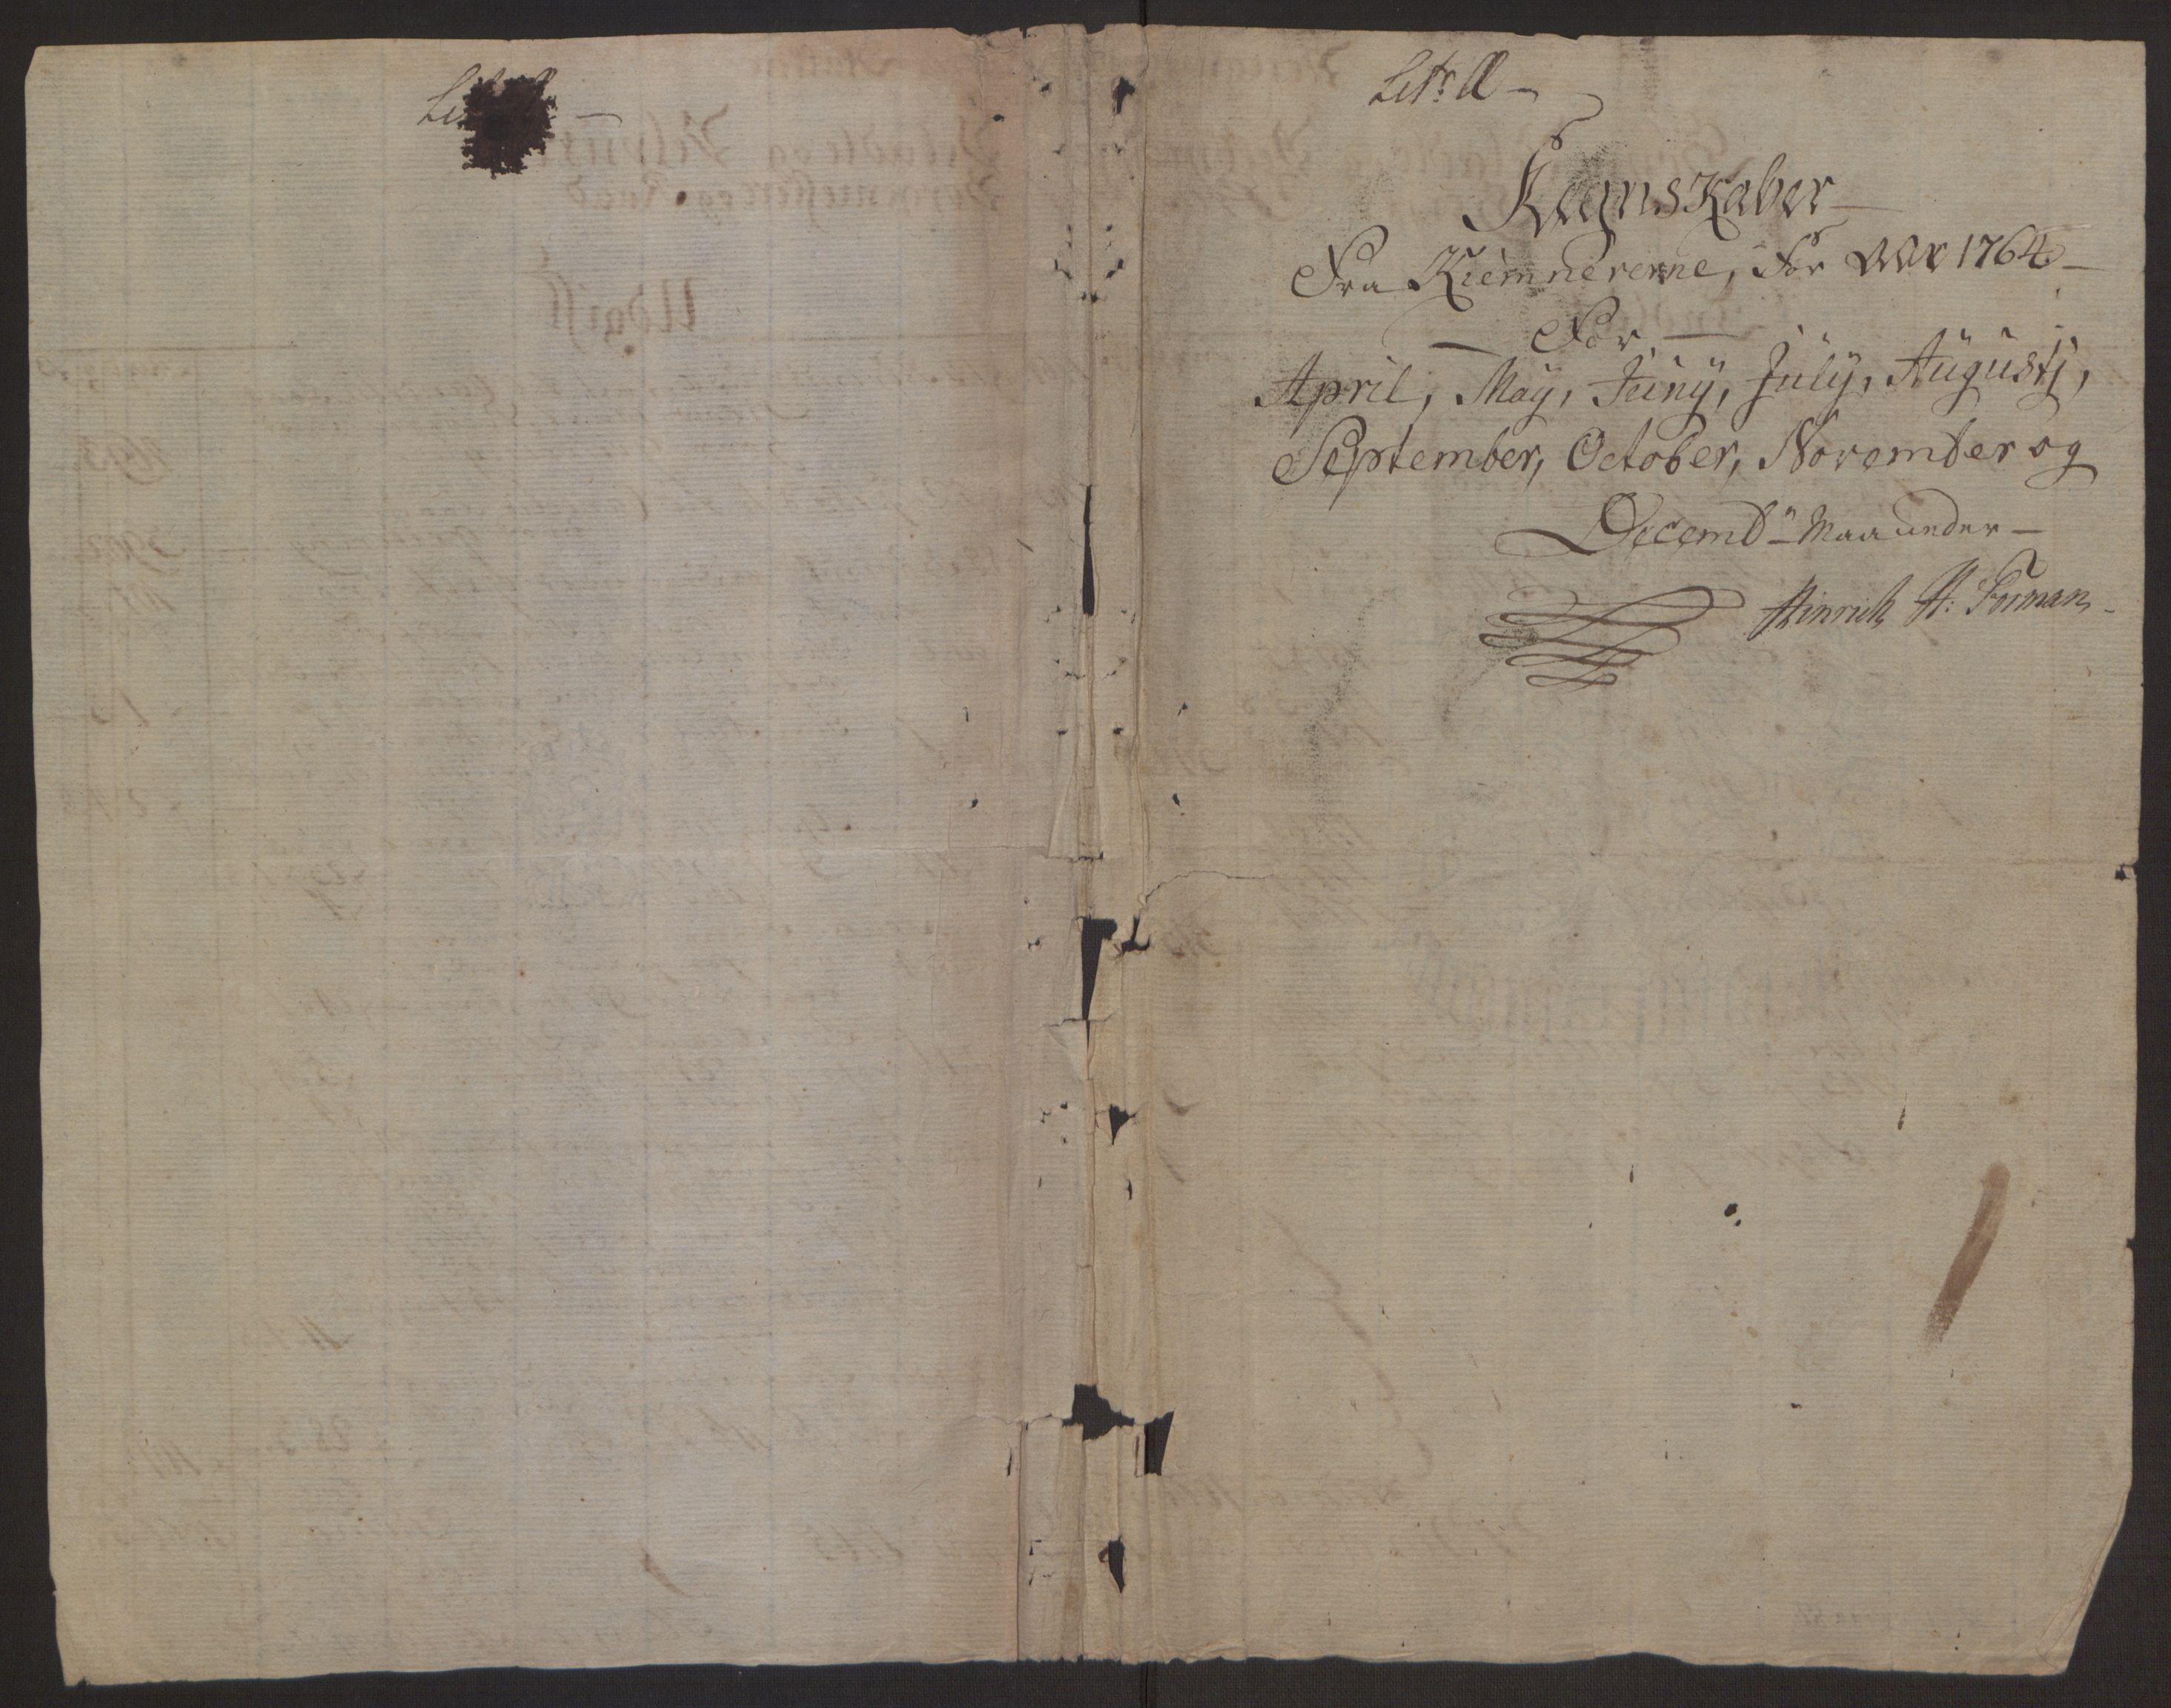 RA, Rentekammeret inntil 1814, Reviderte regnskaper, Byregnskaper, R/Rp/L0367: [P21] Kontribusjonsregnskap, 1764, s. 102